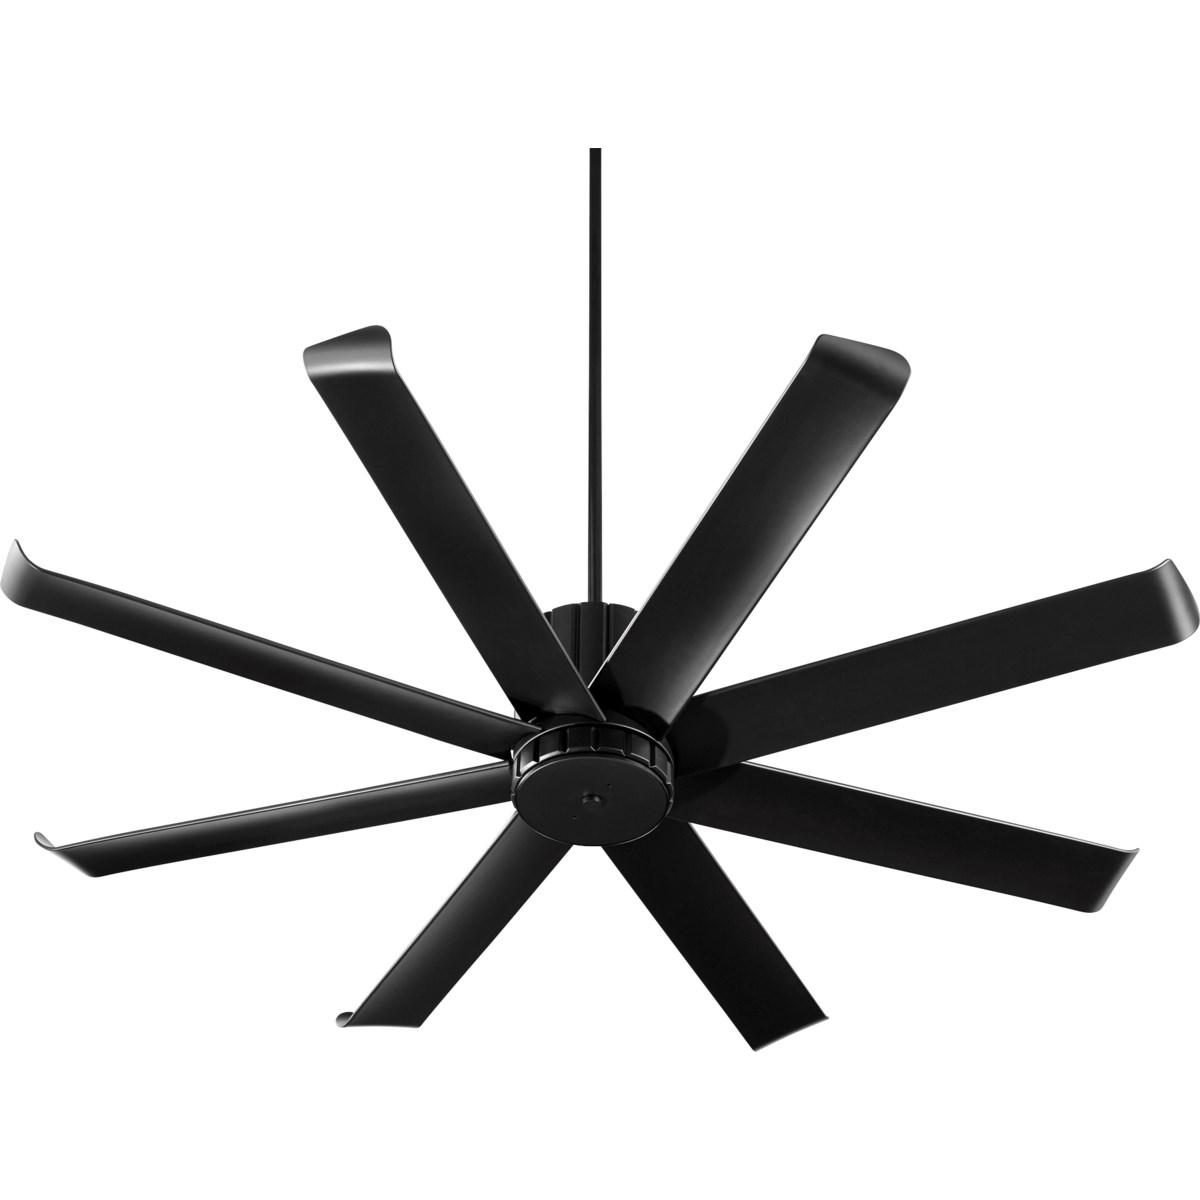 Proxima Patio 60-in Black Indoor/Outdoor Ceiling Fan (8-Blade)